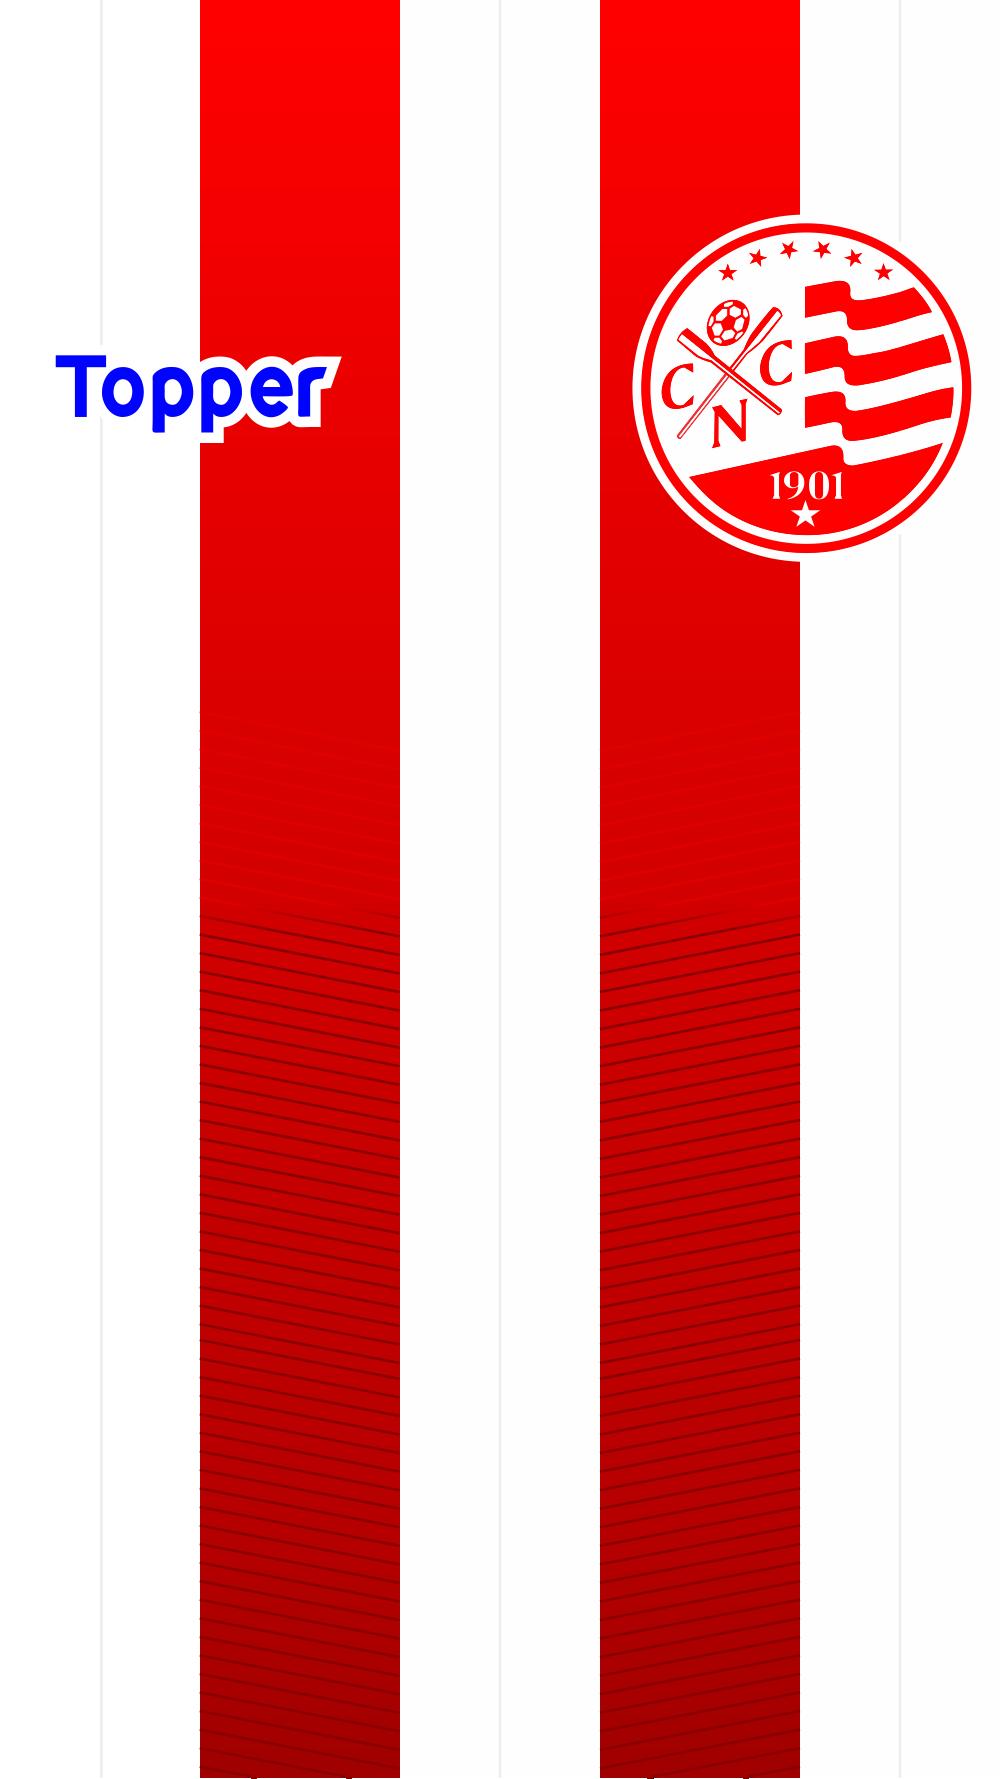 Wallpaper Phone - Náutico - Topper - 2018 - Primeiro padrão ... 51ef80050f158